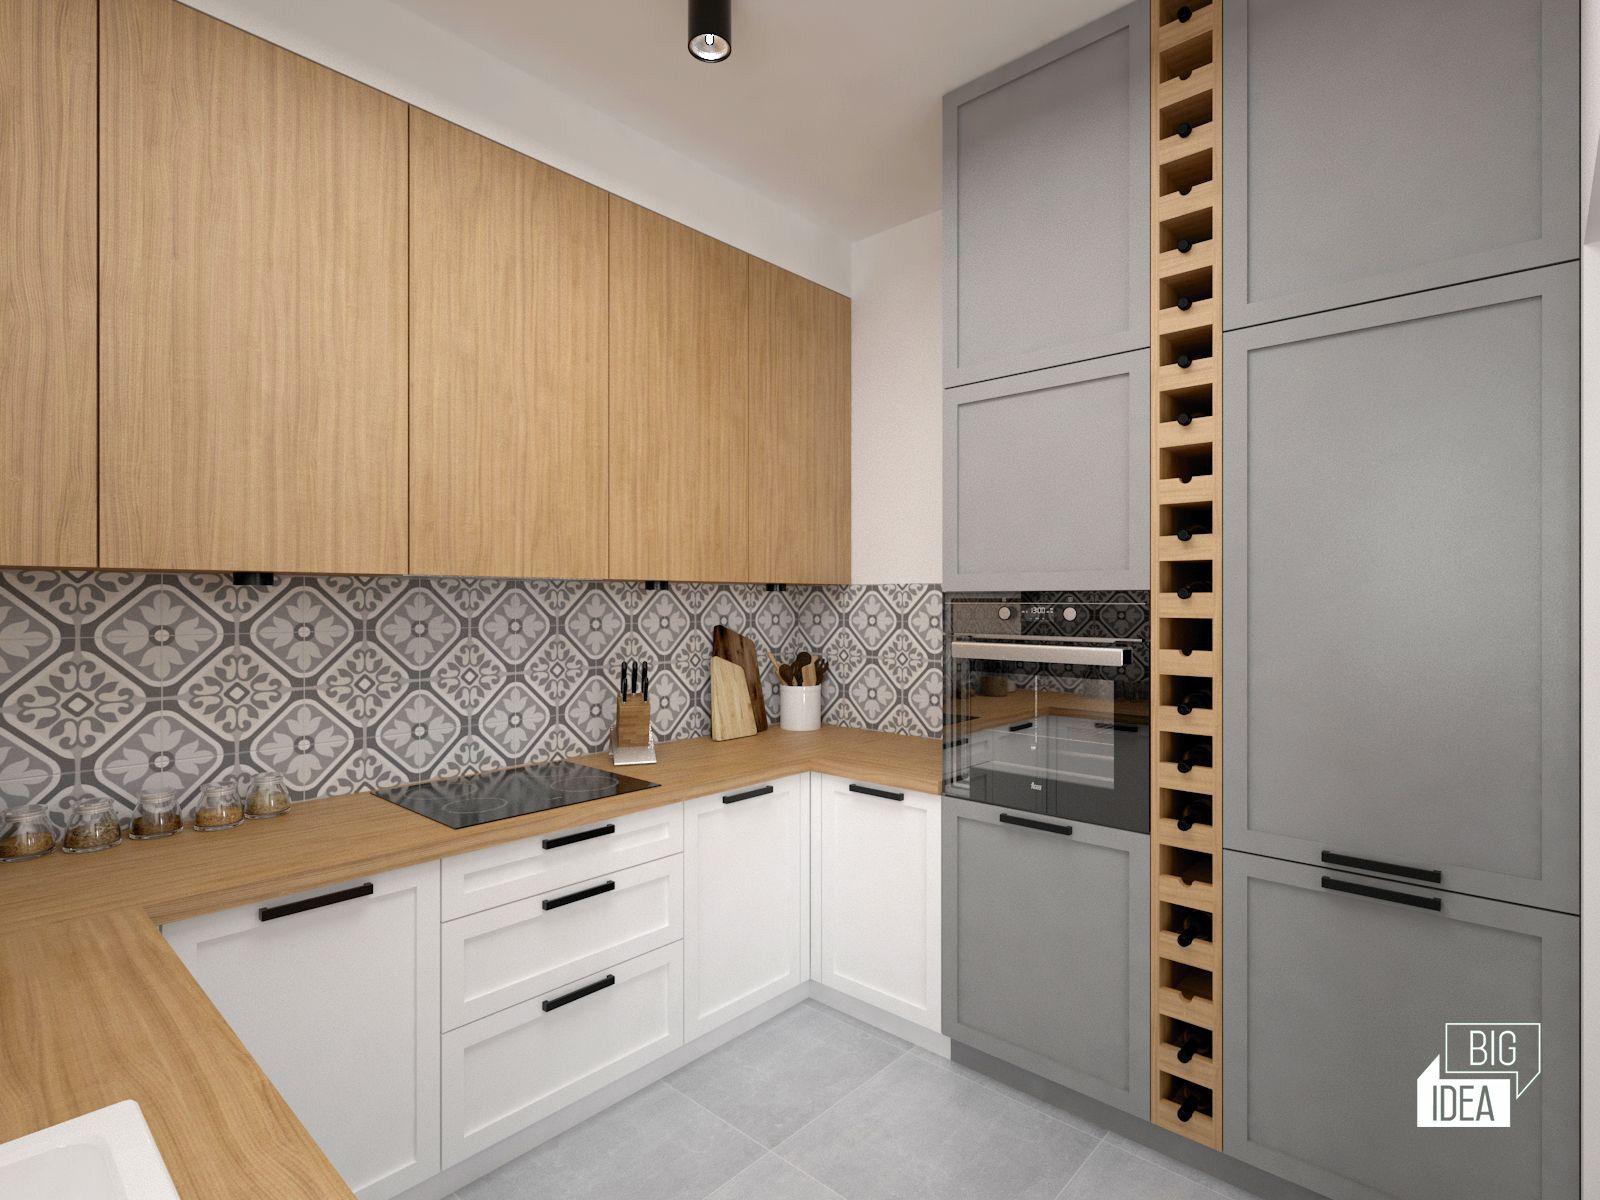 Projekt Mieszkania 85m2 W Krakowie Styl Eklektyczny Loftowy Wnetrze Prywatne Kuchnia Modern Kitchen Design Kitchen Design Home Decor